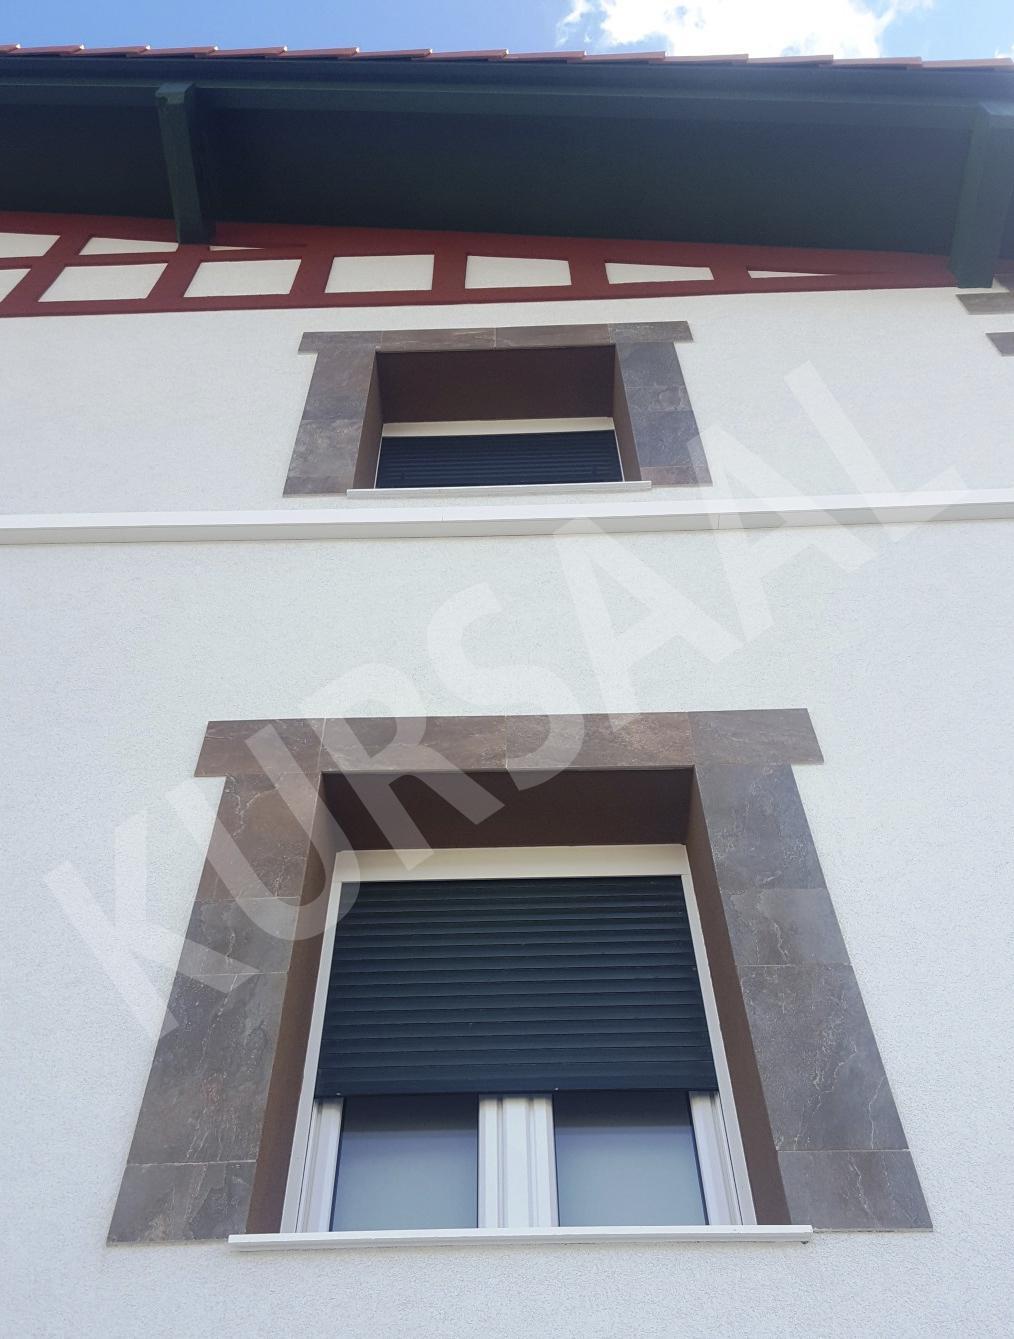 foto 17 - Aislamientos Térmicos y Eficiencia Energética-Calzada de Oleta 17-DONOSTIA